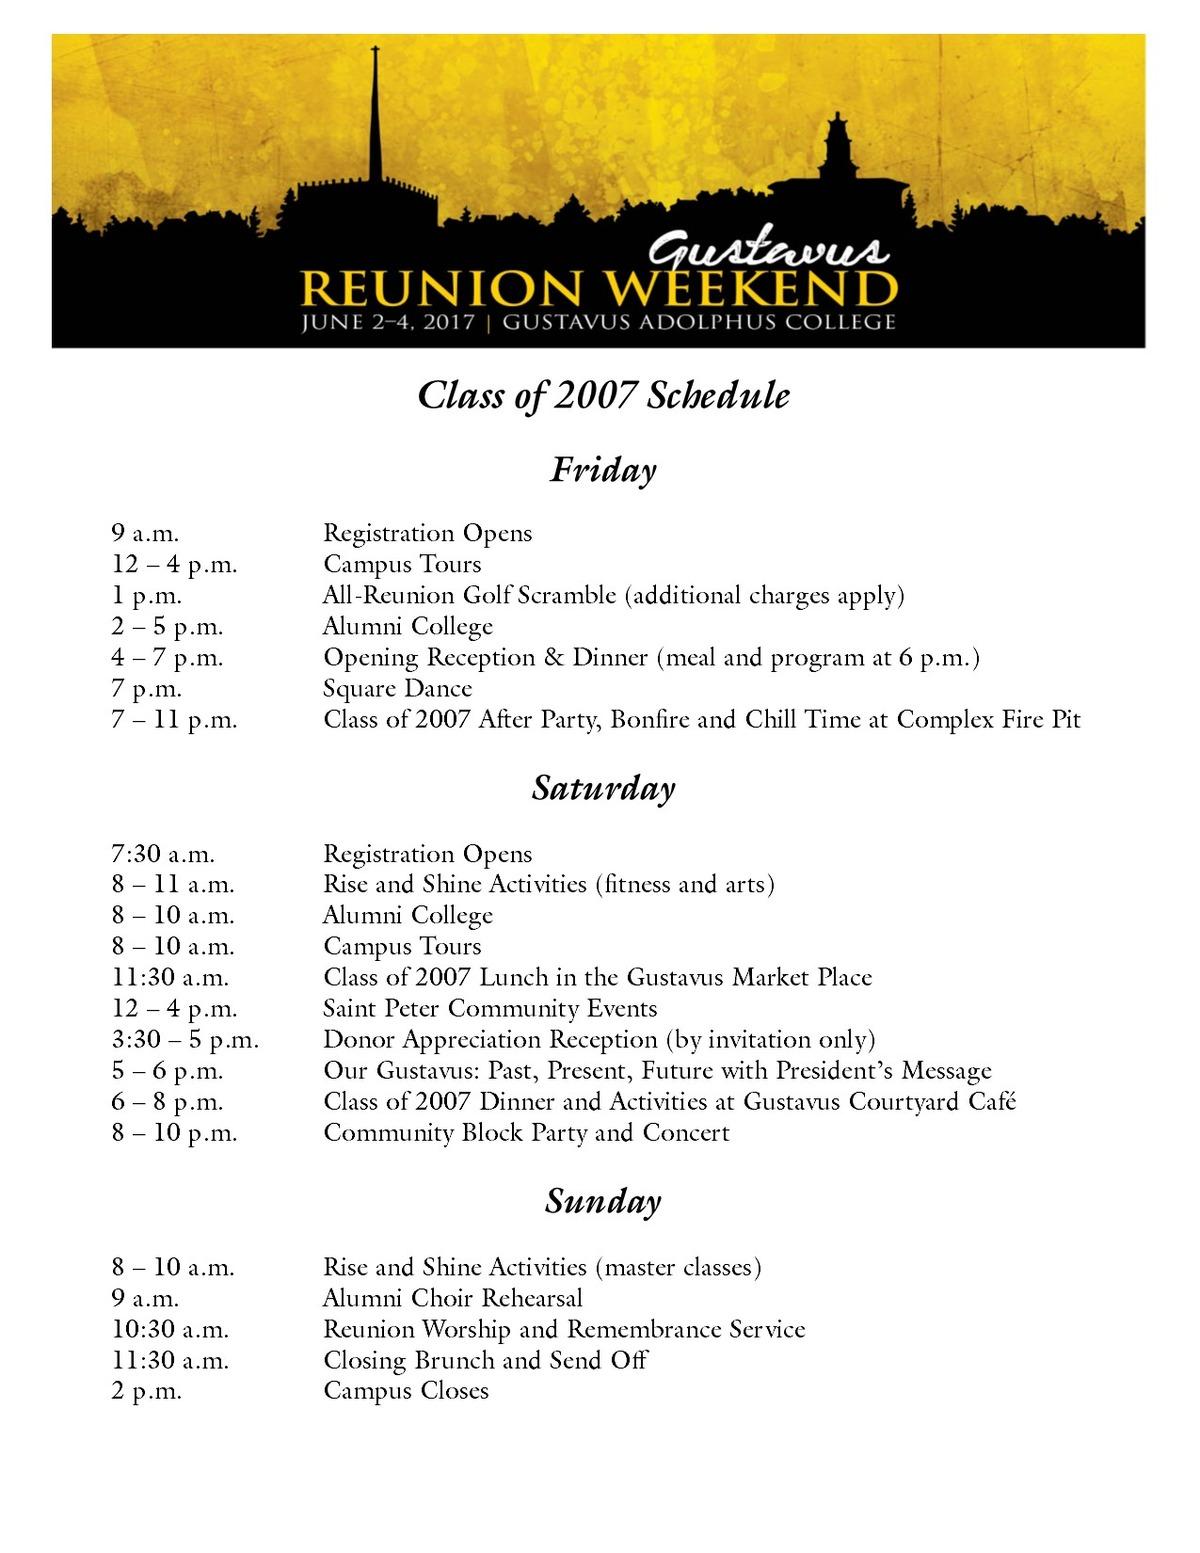 Class of 2007 Reunion Weekend Schedule